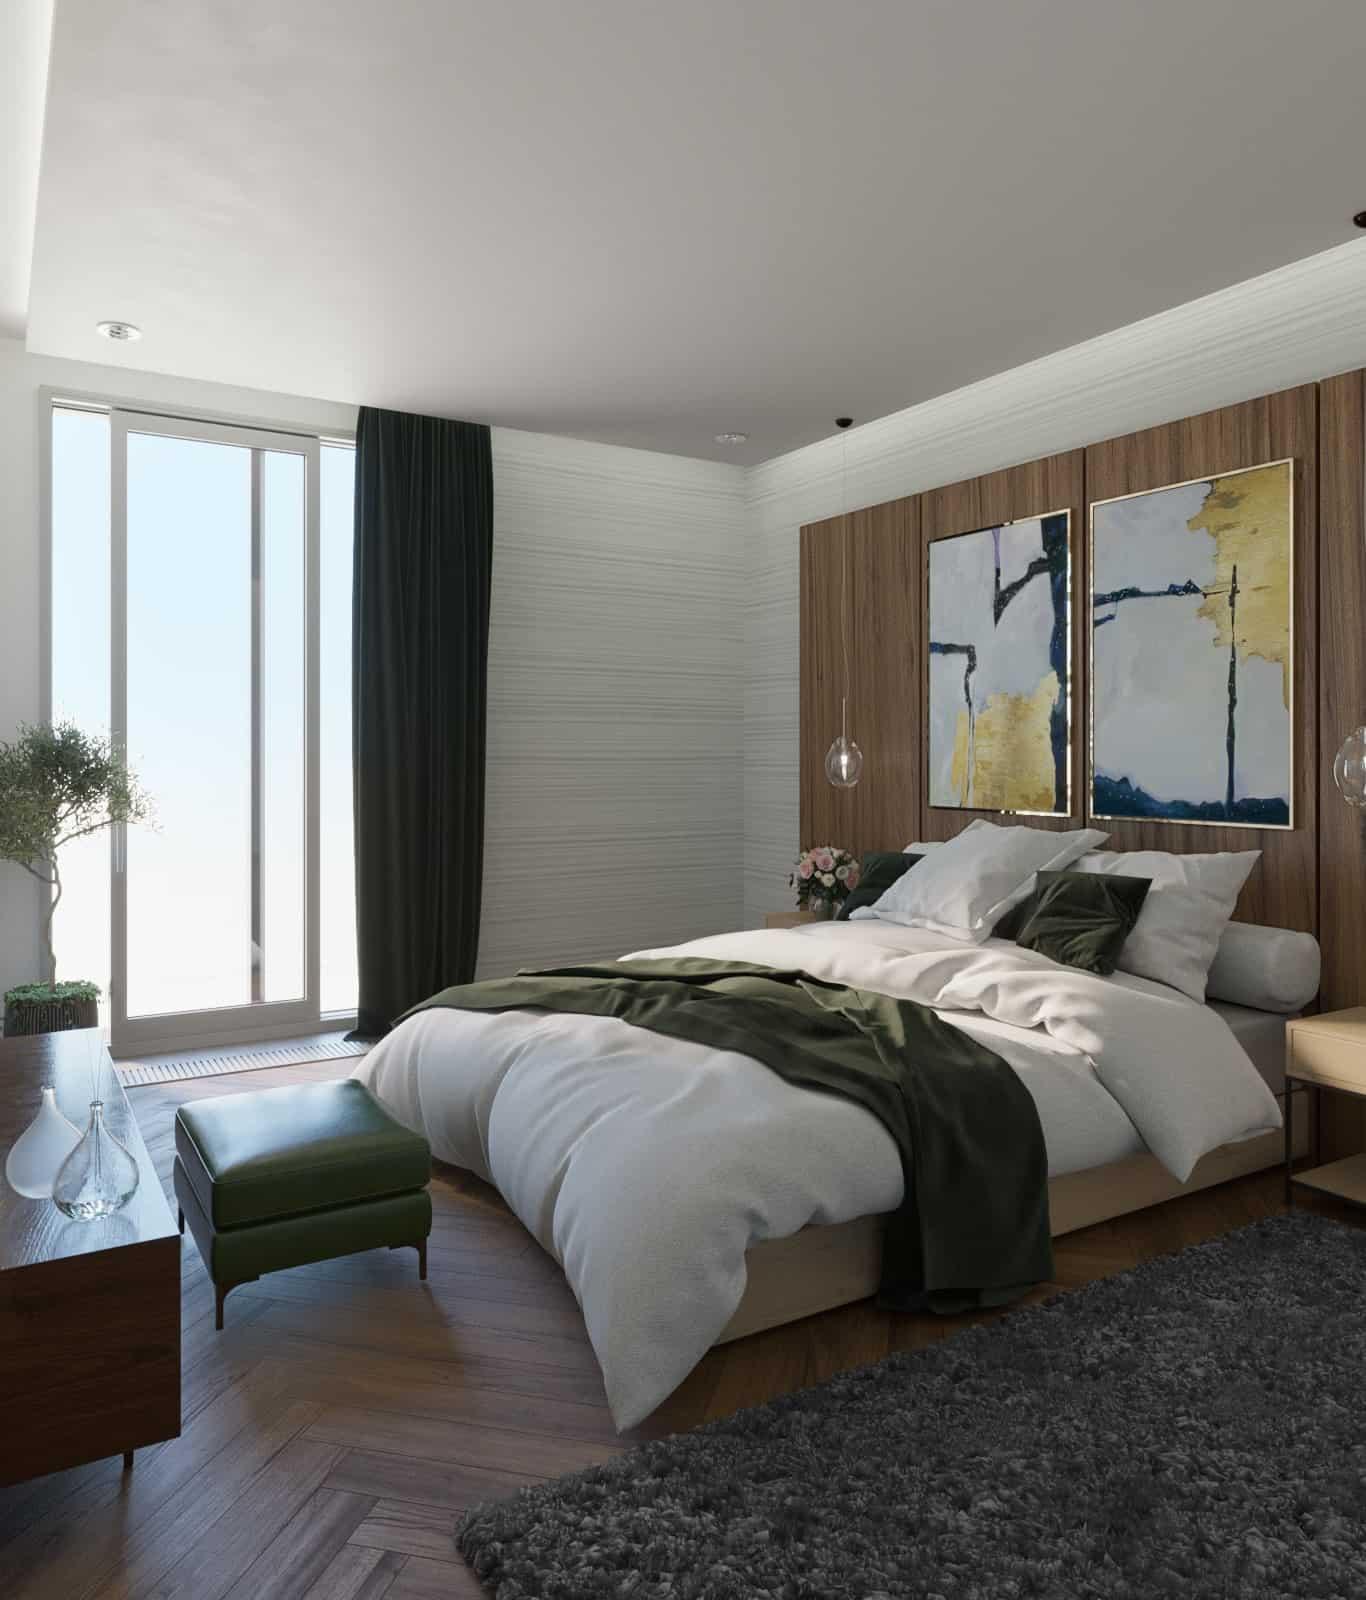 Rénovation de Villa design intérieur par INJ ARCHITECTS